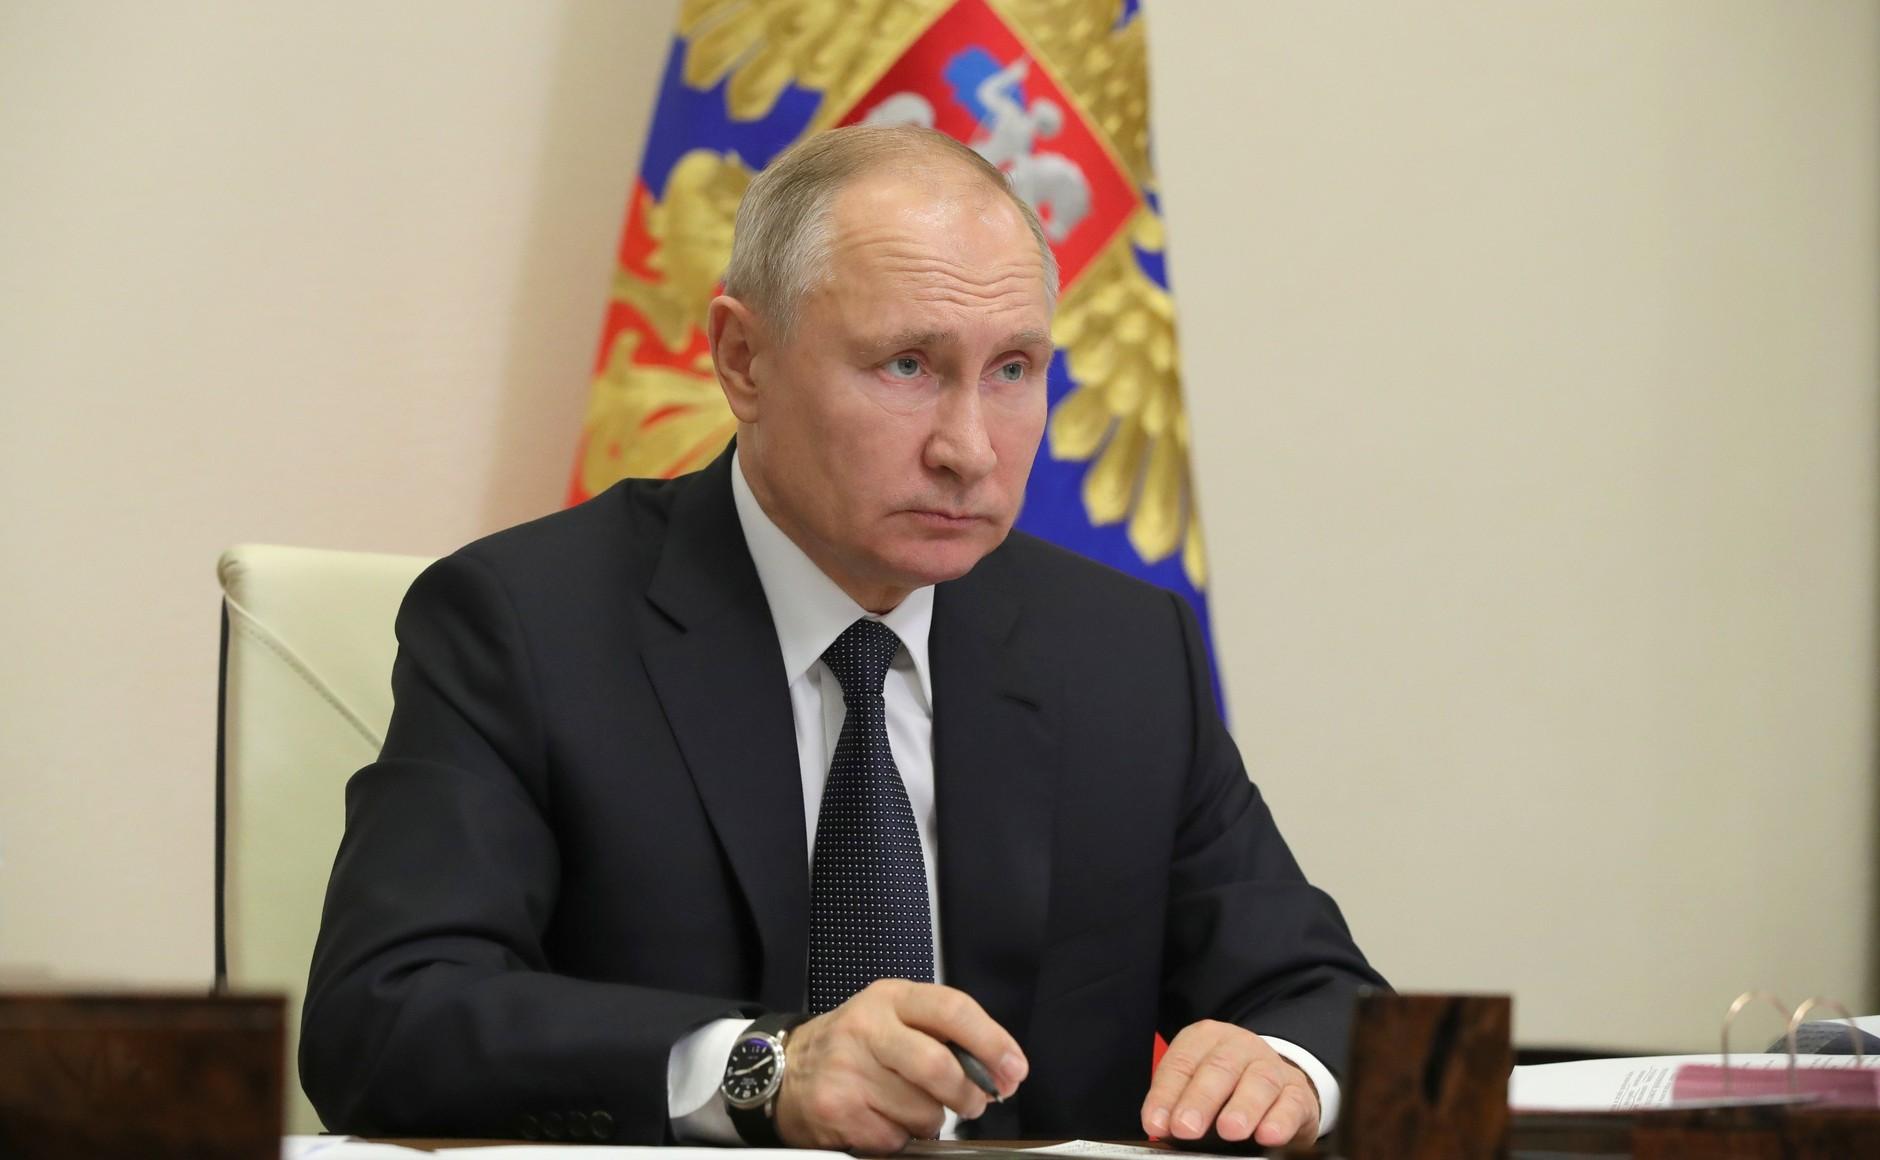 Путин призвал добиться перелома в ситуации с коронавирусом и восстановить экономику